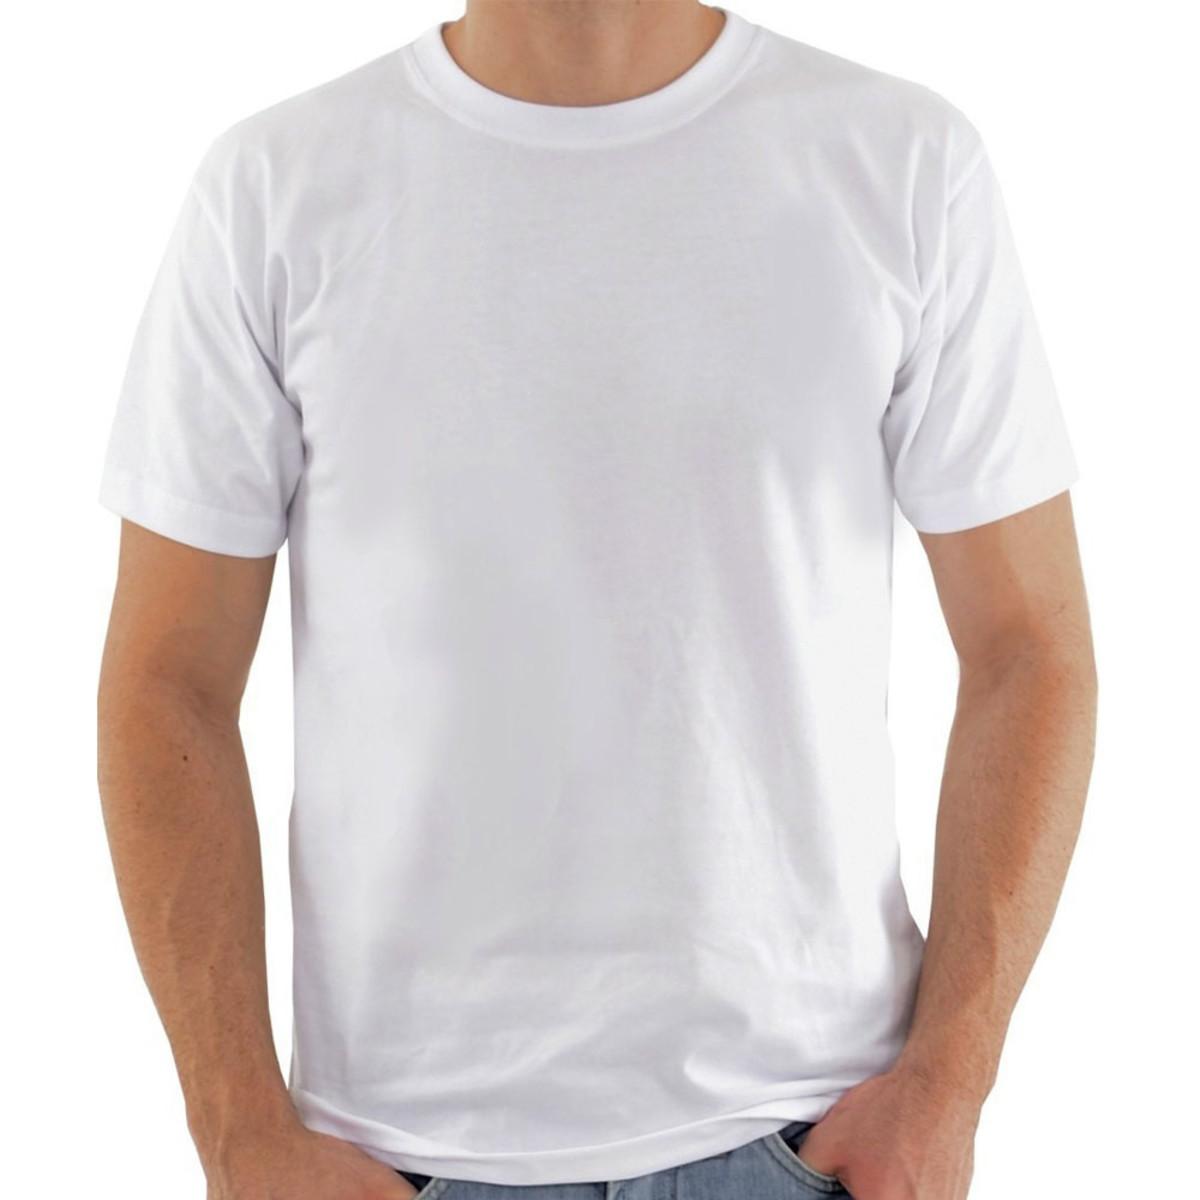 629d0fa2267af Camiseta Lisa 100% Algodão Fio 30 Branca no Elo7